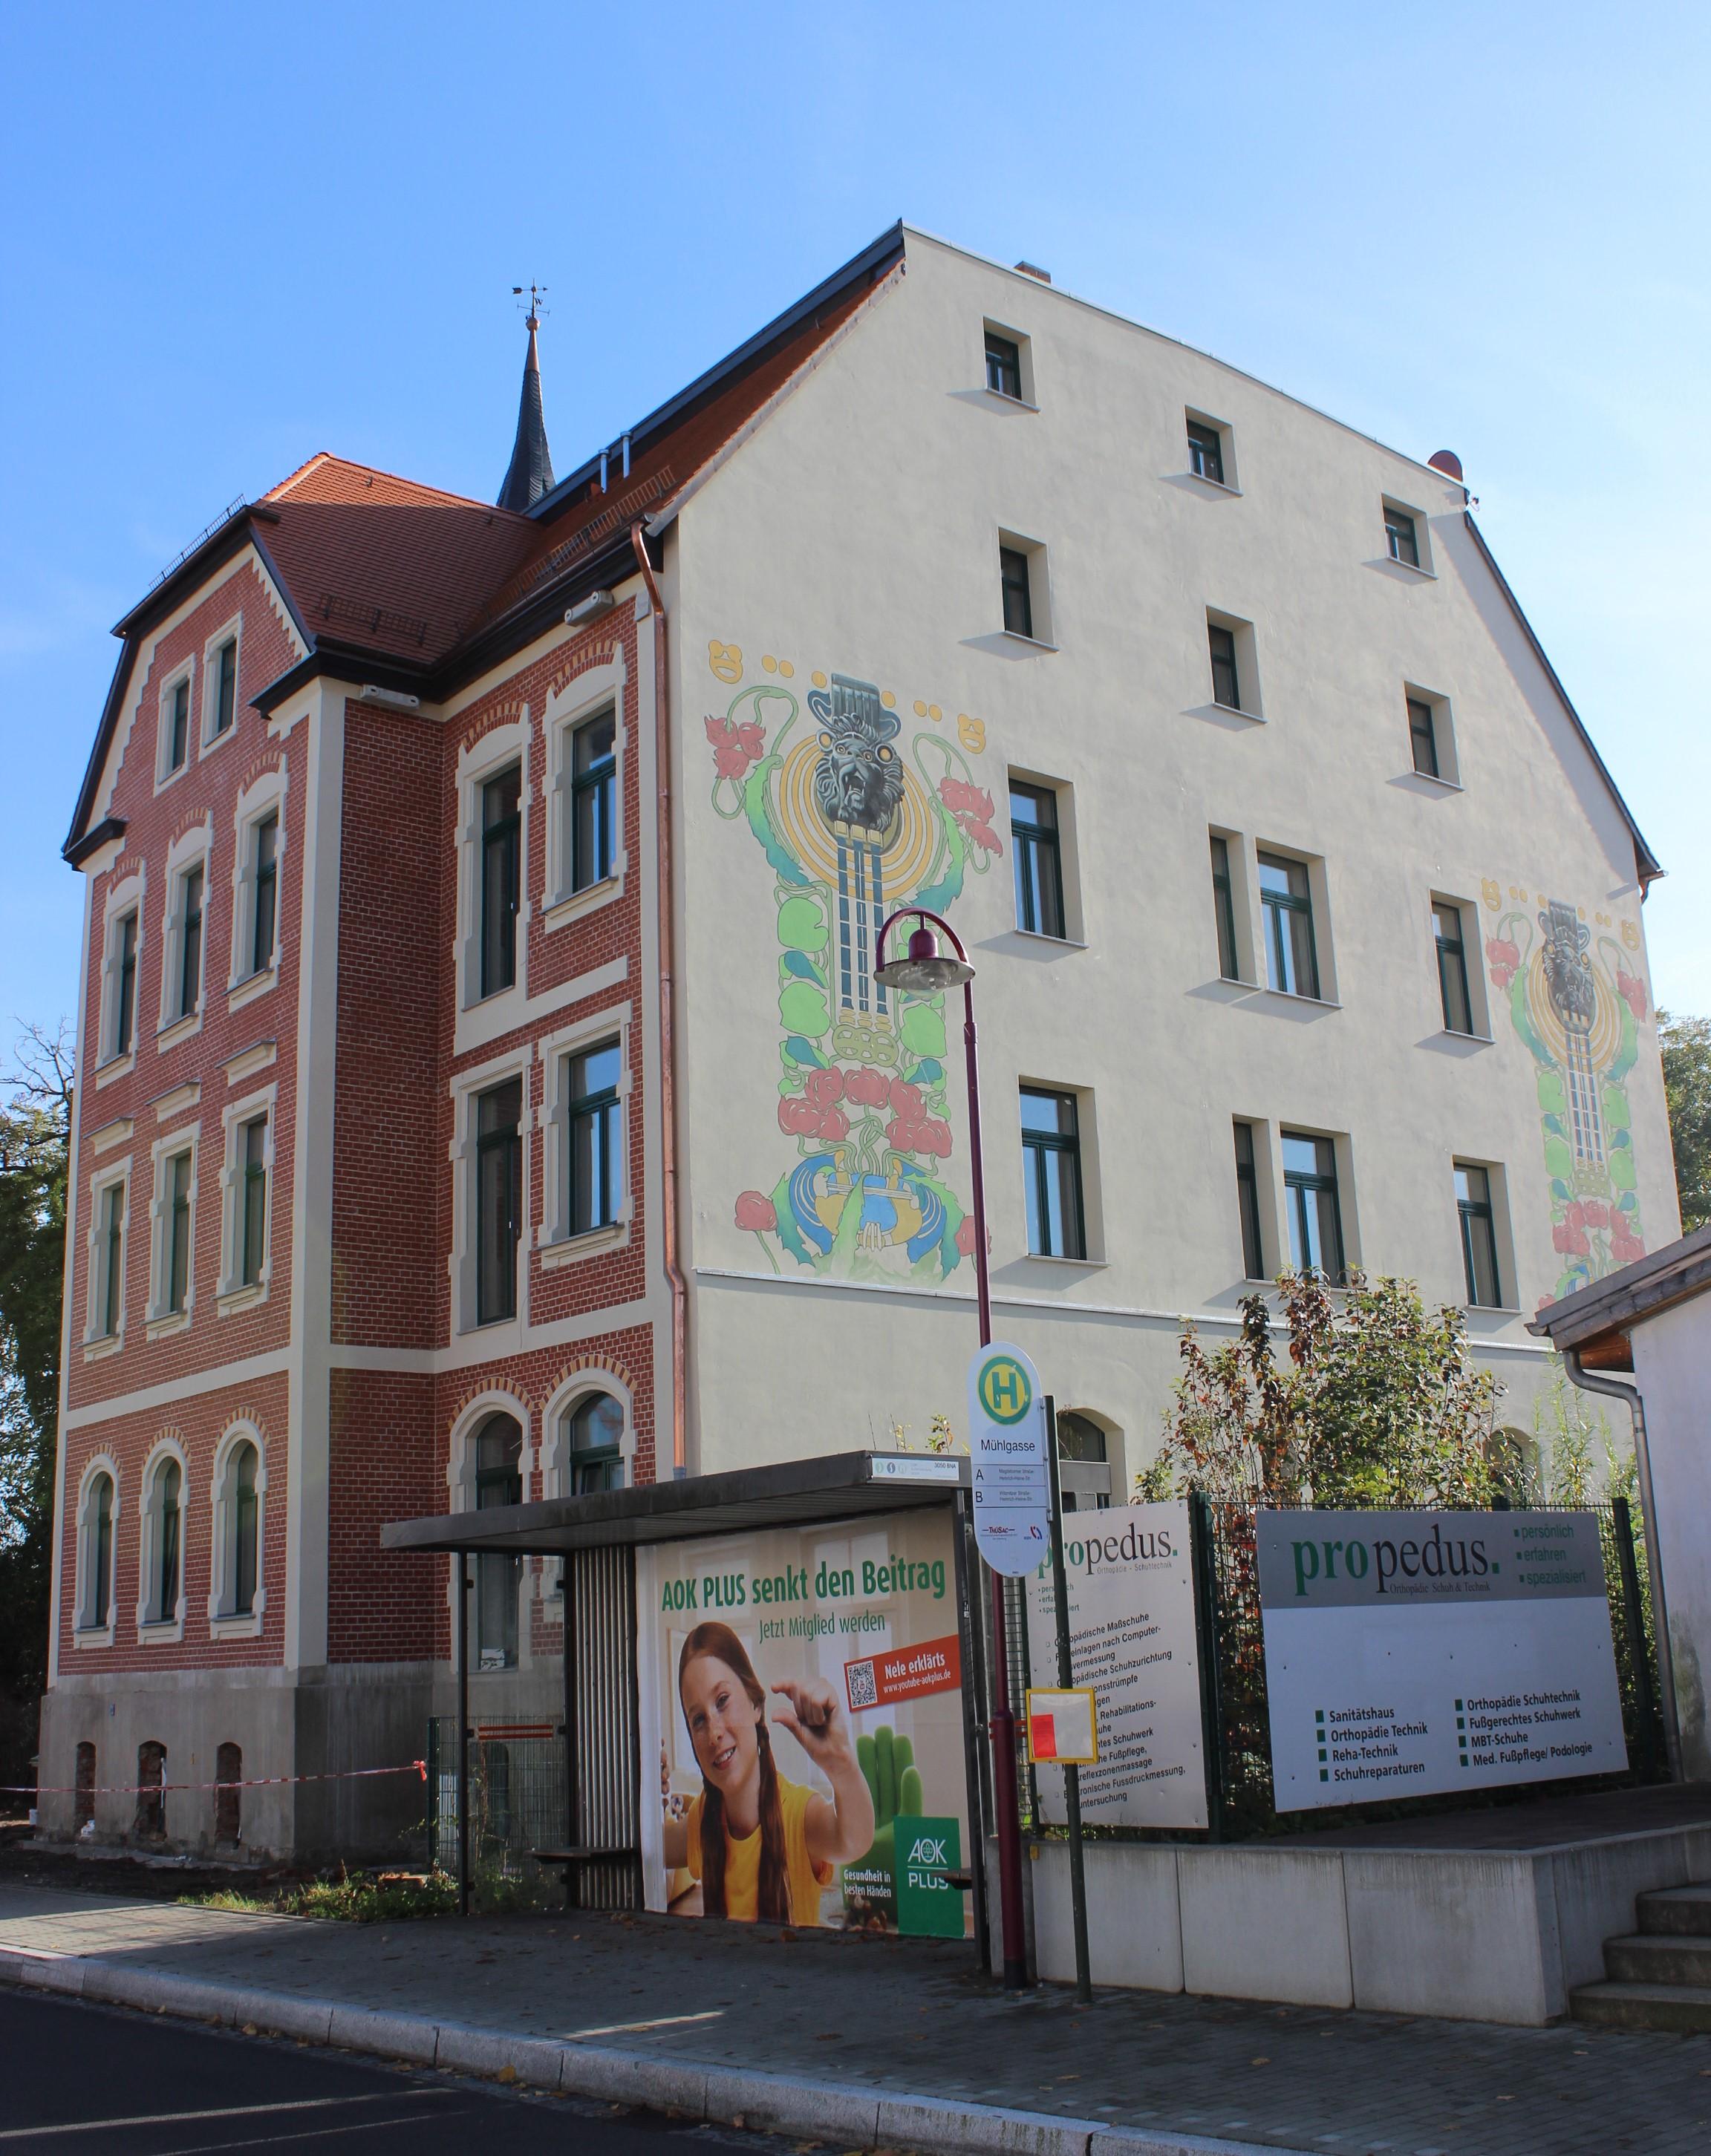 Wohnhaus in Borna Nachher - Komplettsanierung Fassade, Trockenbau, Innenputz, Maurer- und Betonarbeiten